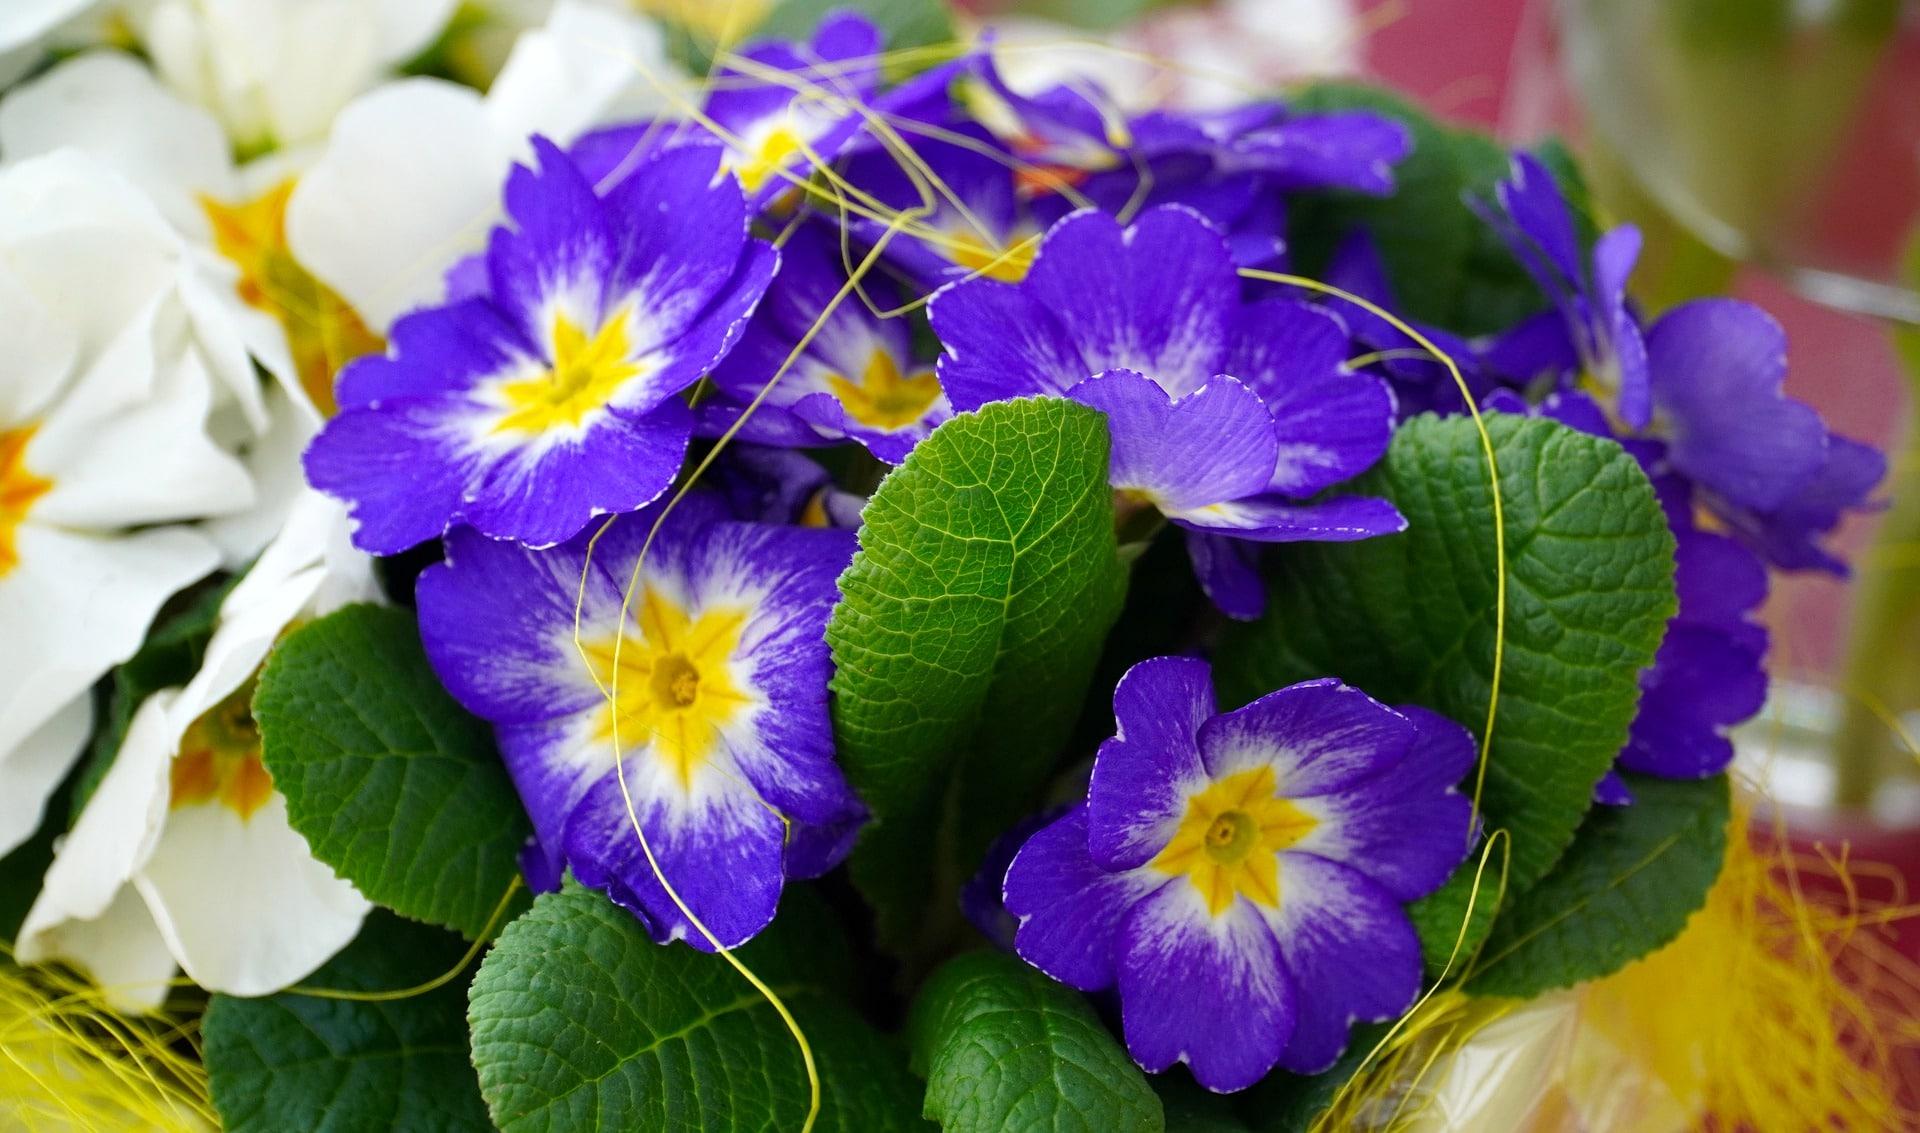 Décorer tombe au printemps avec fleurs sauvages